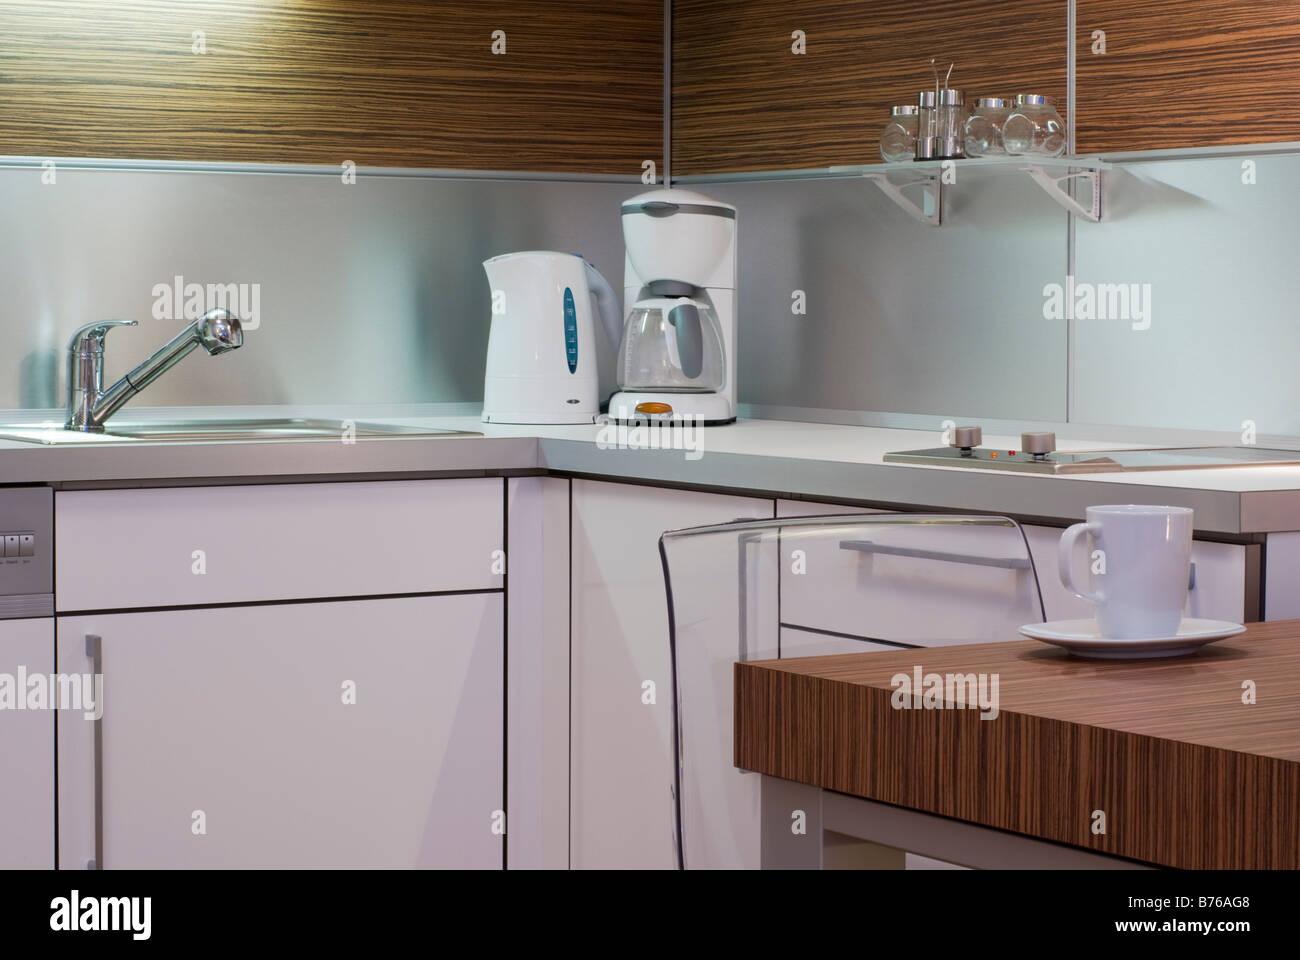 Bianco moderno interior design cucina angolo con apparecchi ...